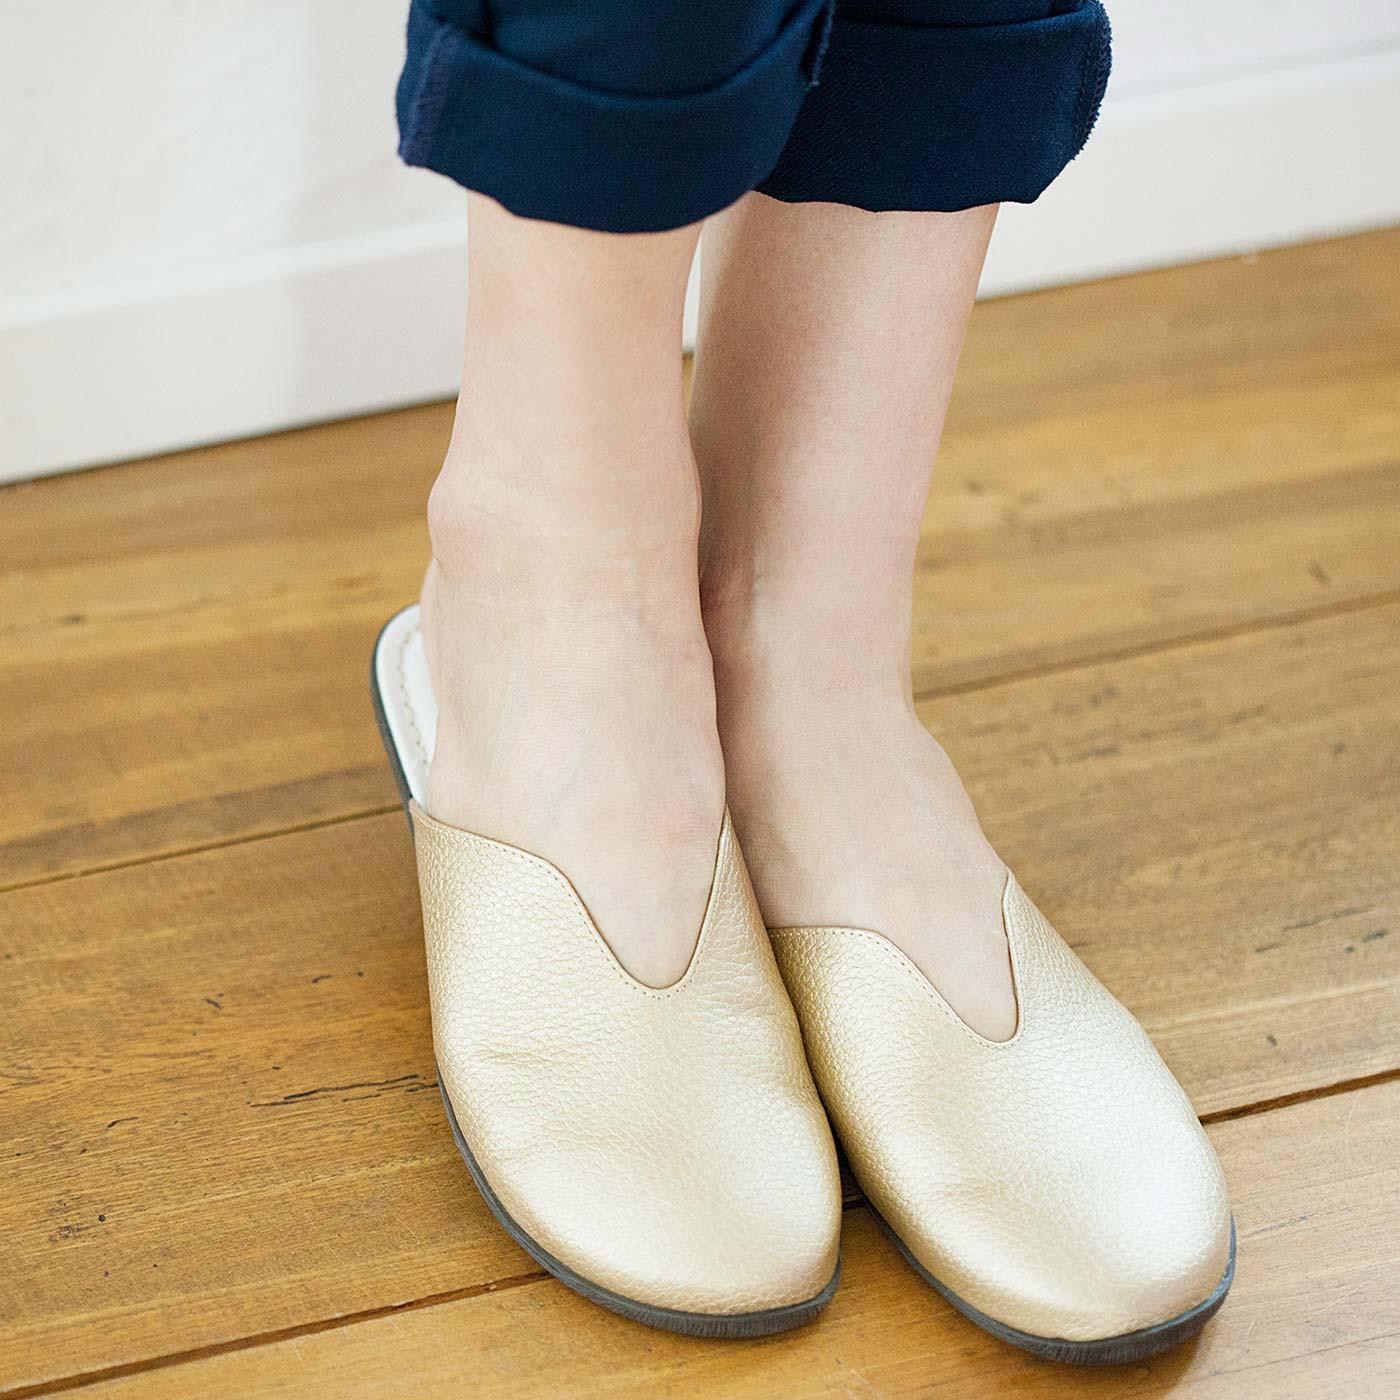 足もとがきれいに見えるこだわりのカッティング。